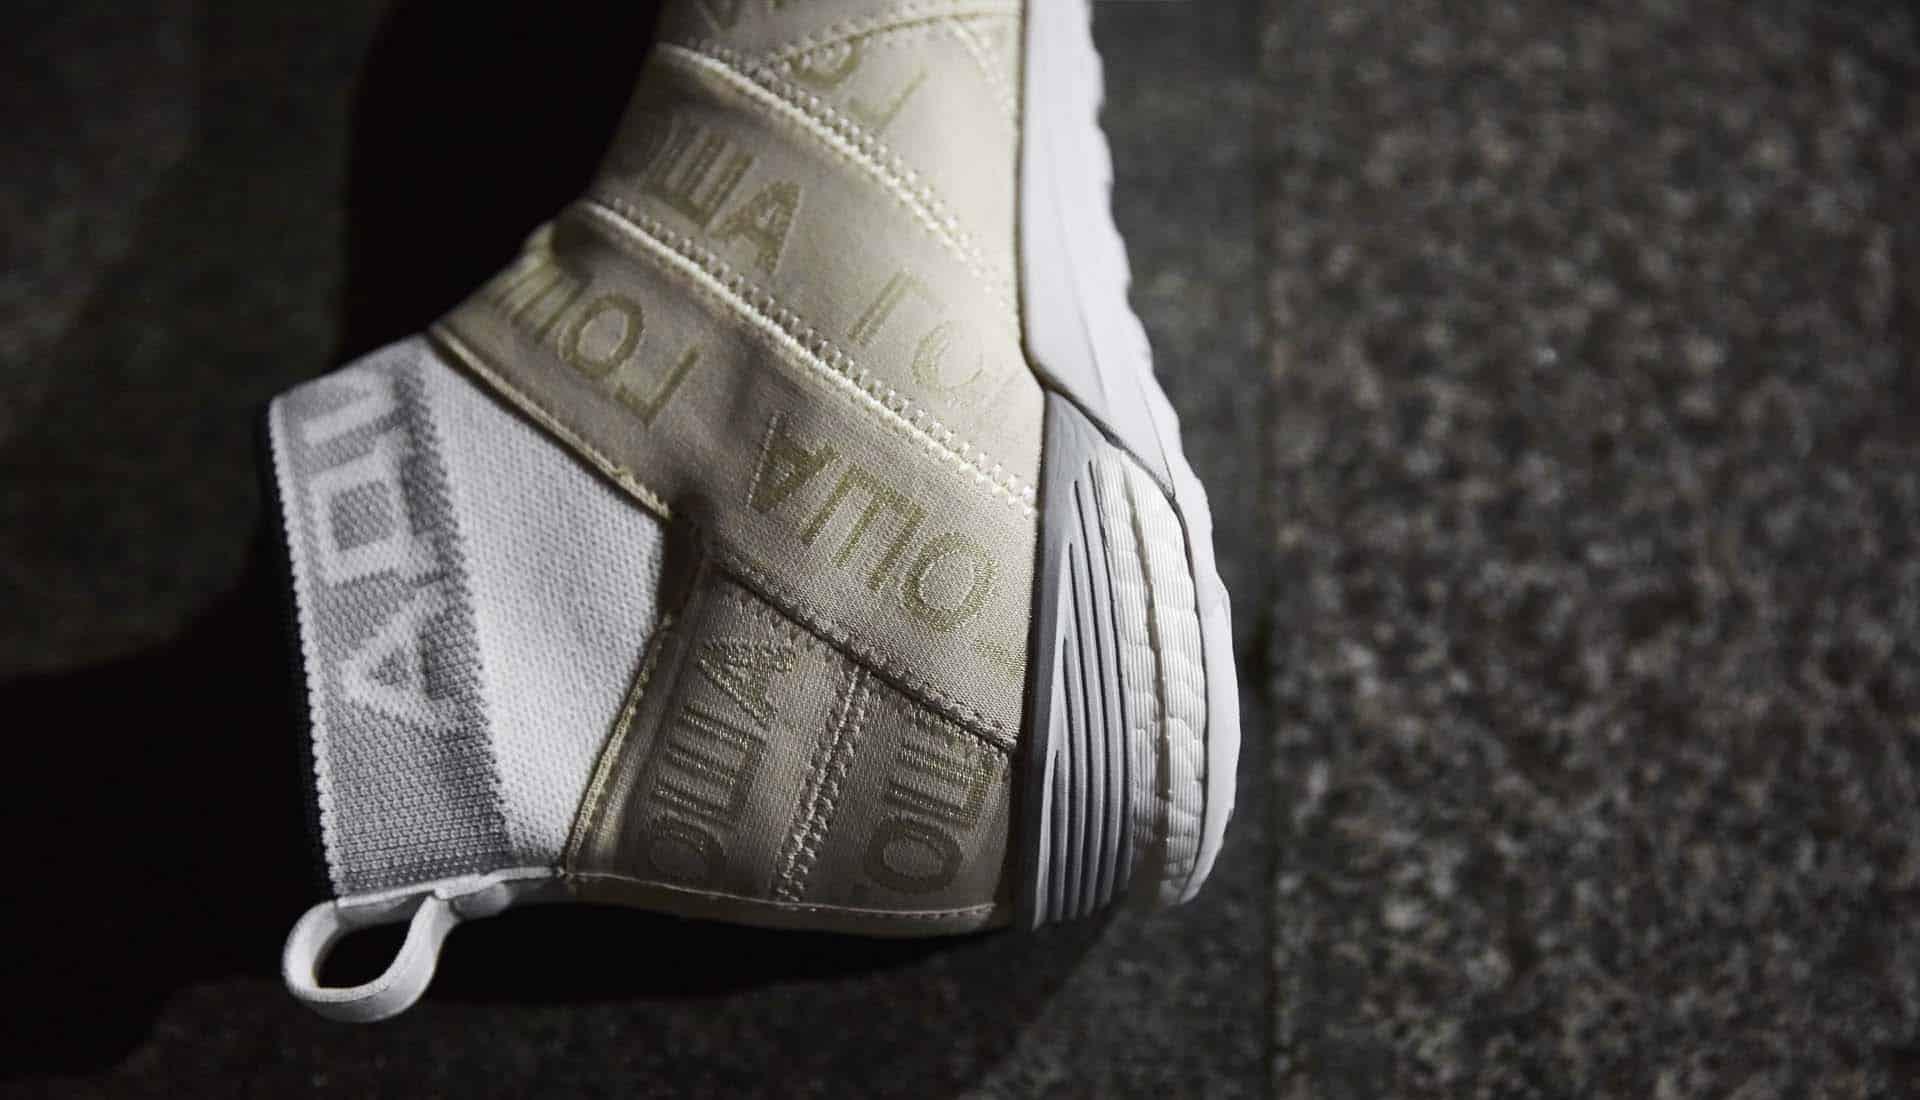 chaussures-lifestyle-adidas-x-gosha-rubchinskiy-nemeziz-img4